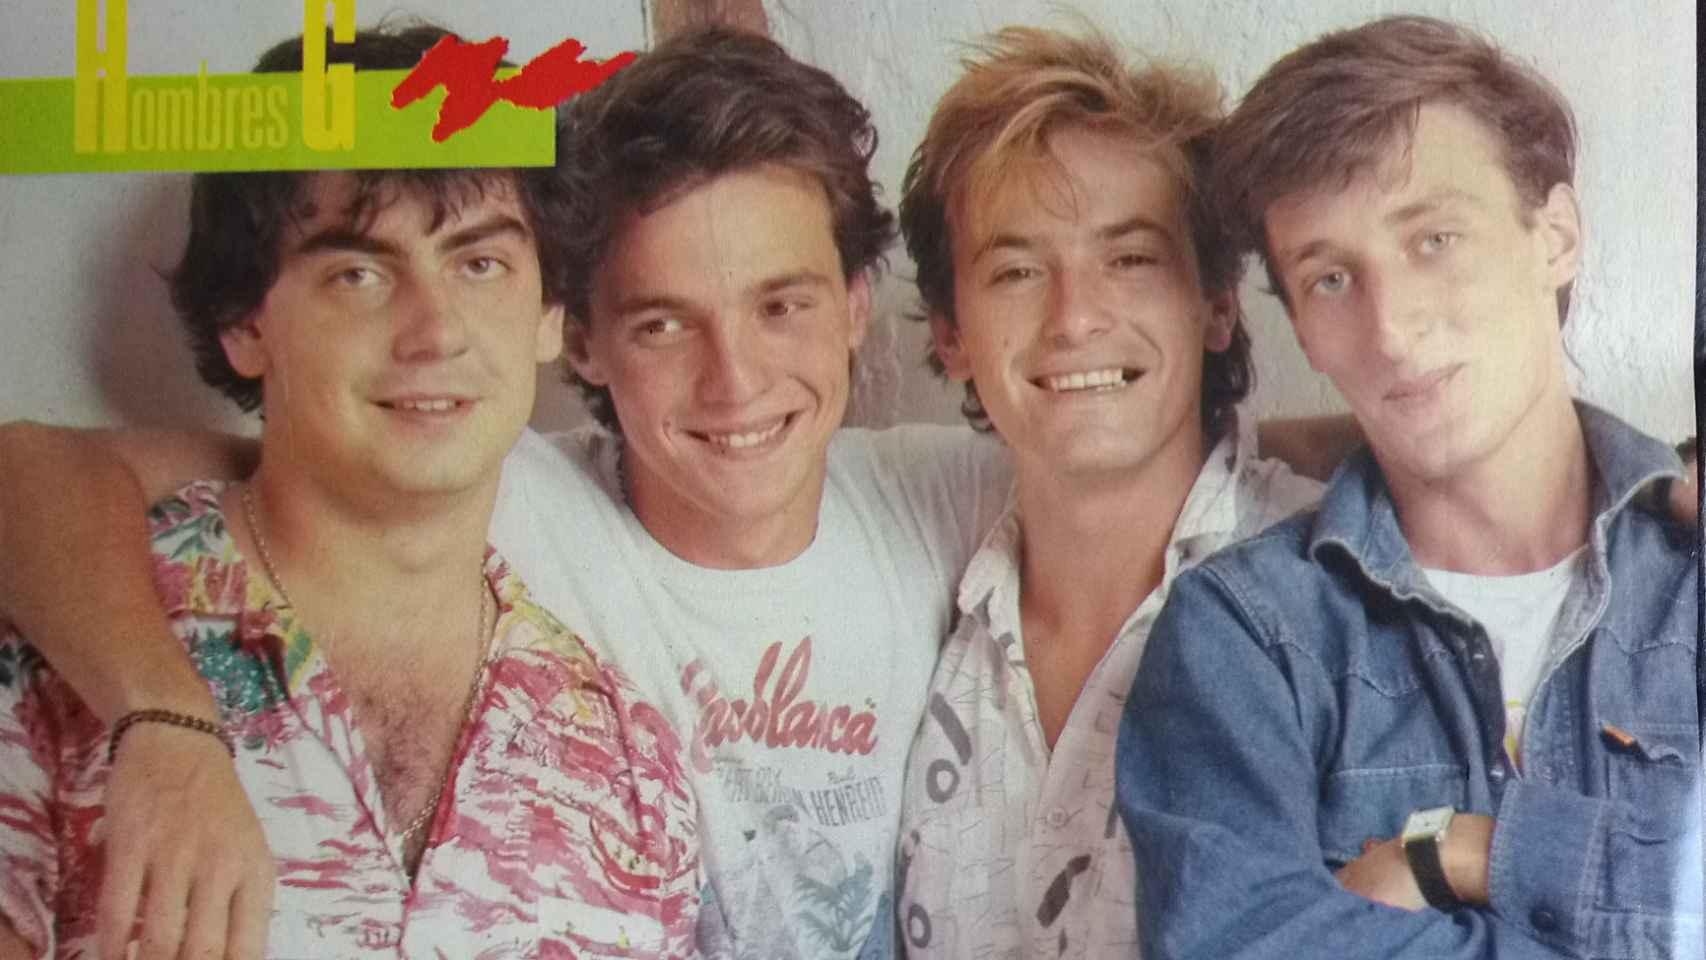 Uno de los posters del grupo que publicó la revista